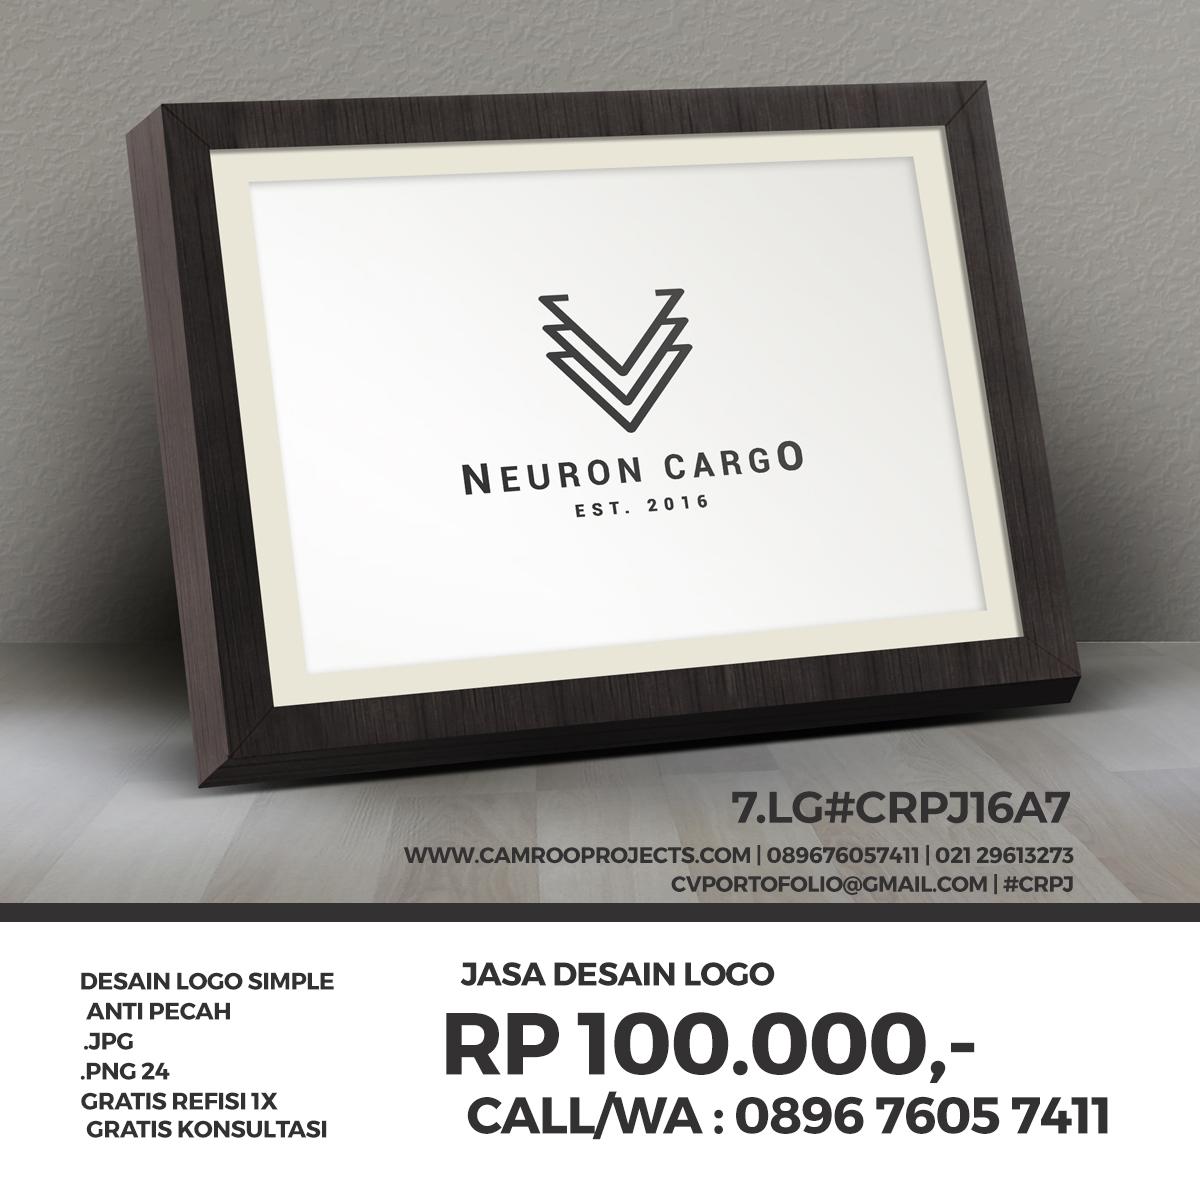 Jasa Desain Logo Terunik Di BogorJasa Desain Logo Terunik Di Bogor